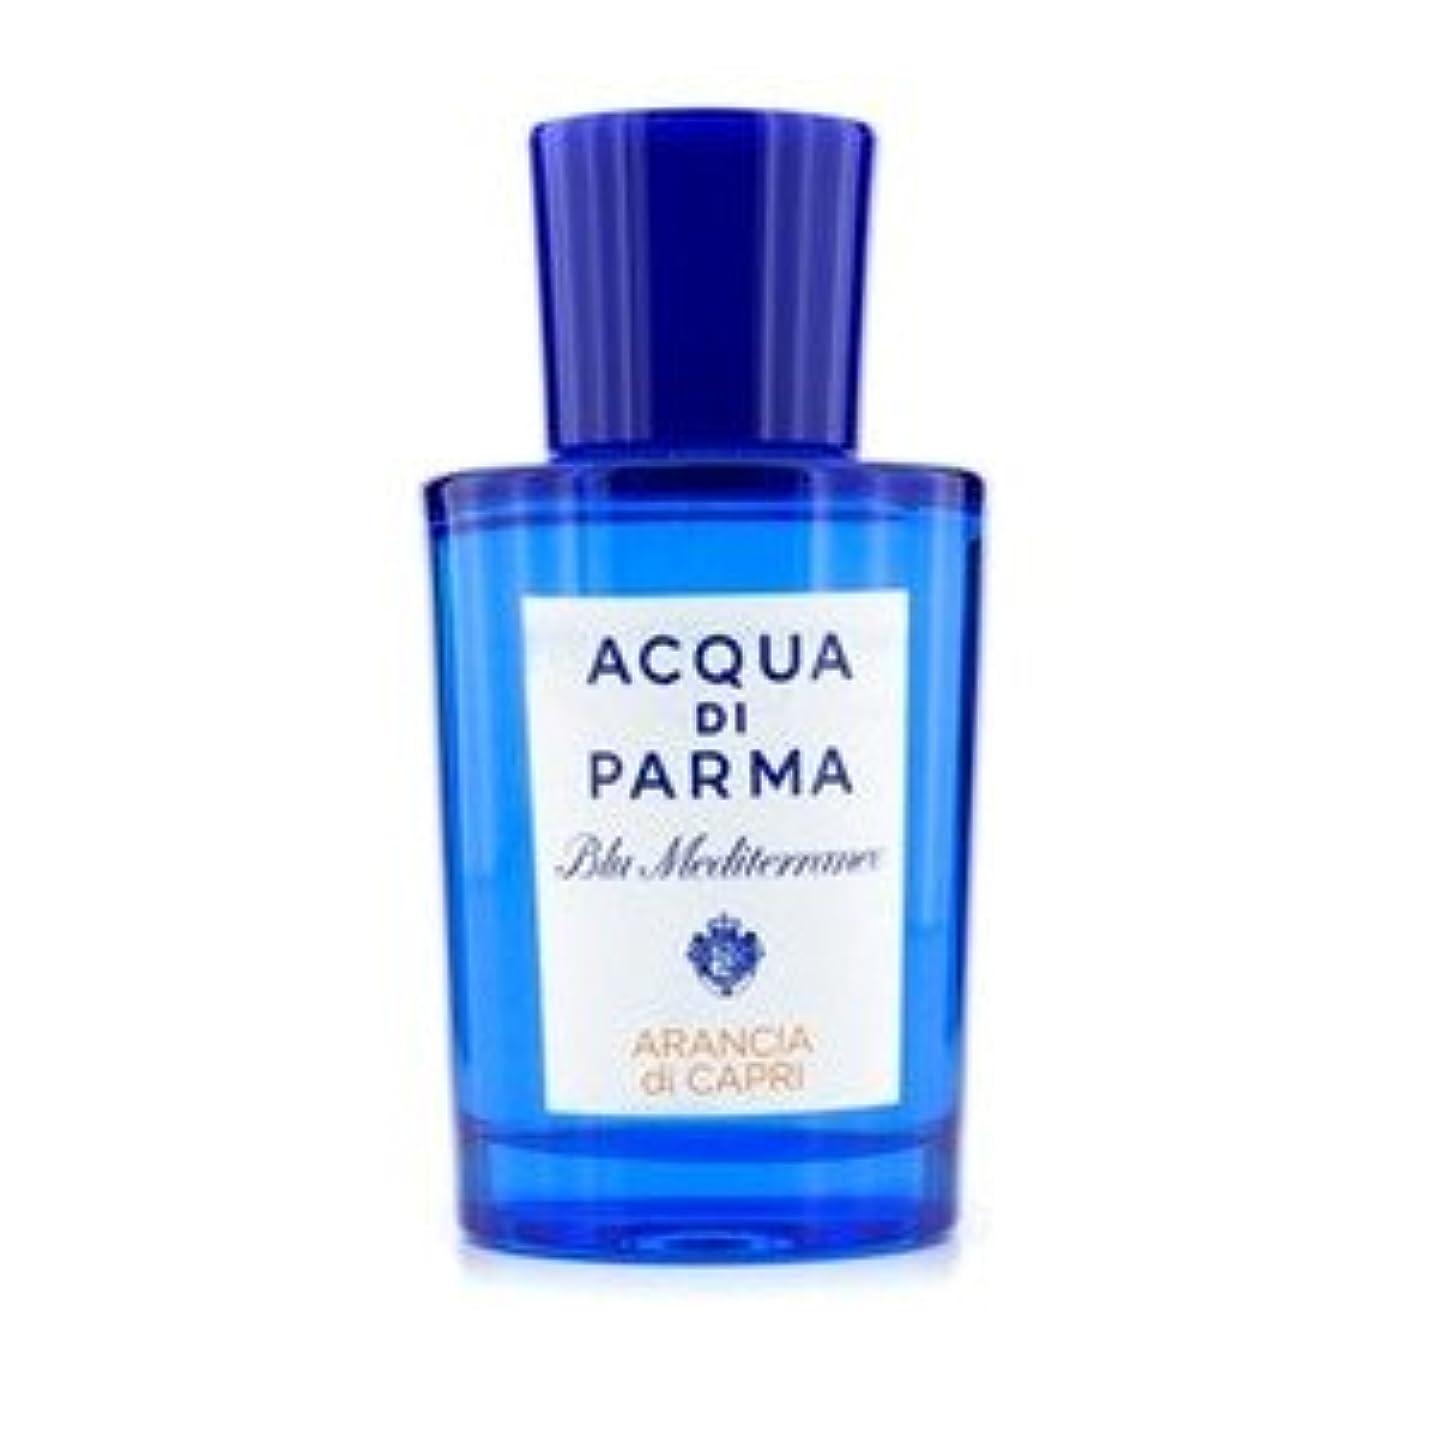 アクア ディ パルマ[Acqua Di Parma] ブル メディテラネオ アランシア ディ カプリ オードトワレ スプレー 75ml/2.5oz [並行輸入品]